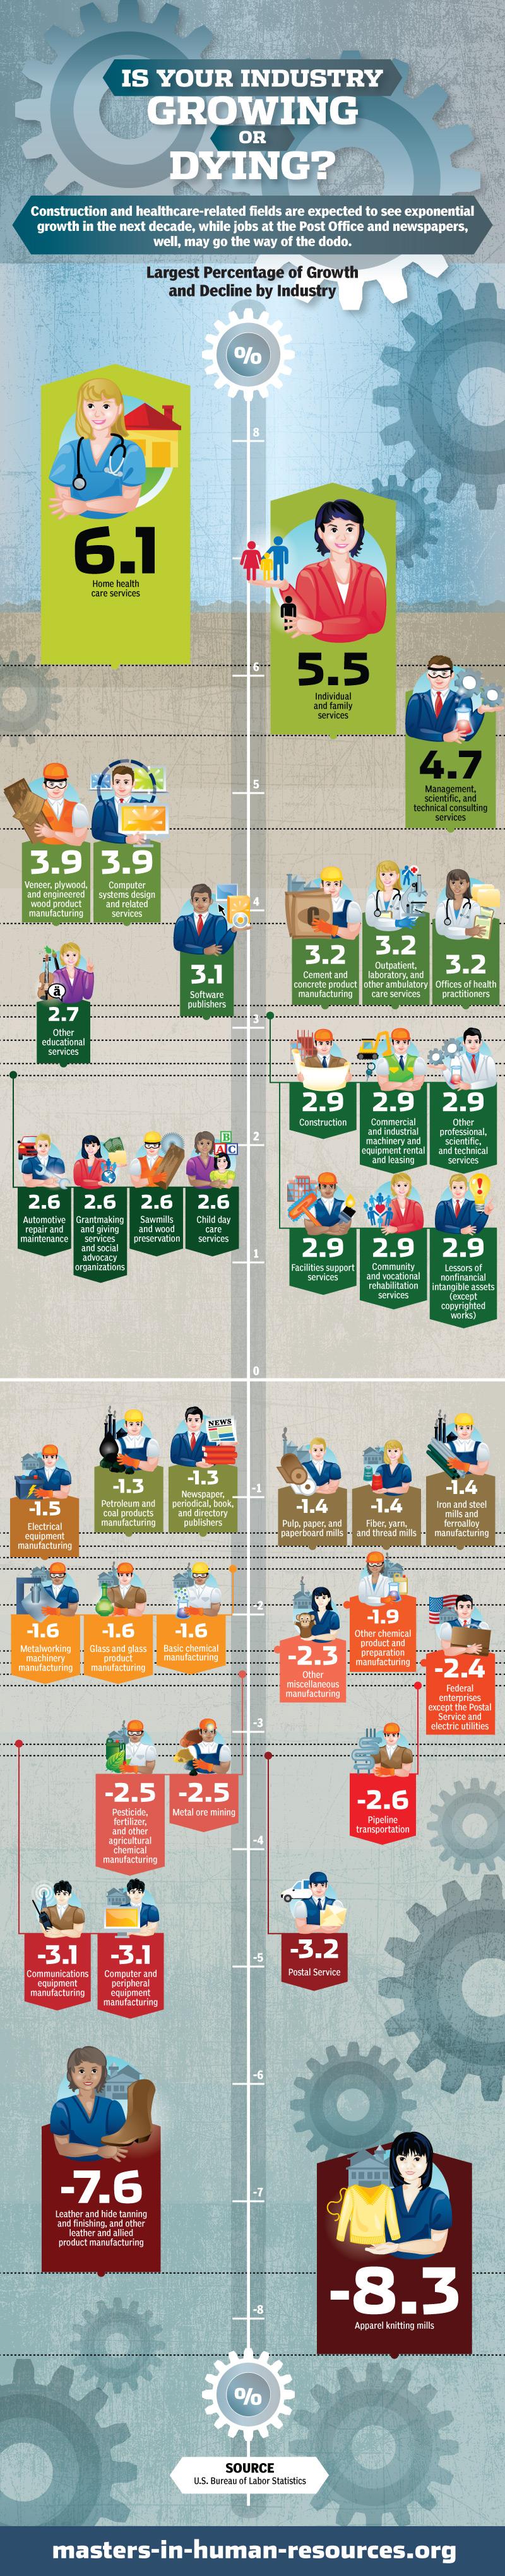 Infographie Tes Vous Dans Un Secteur Davenir